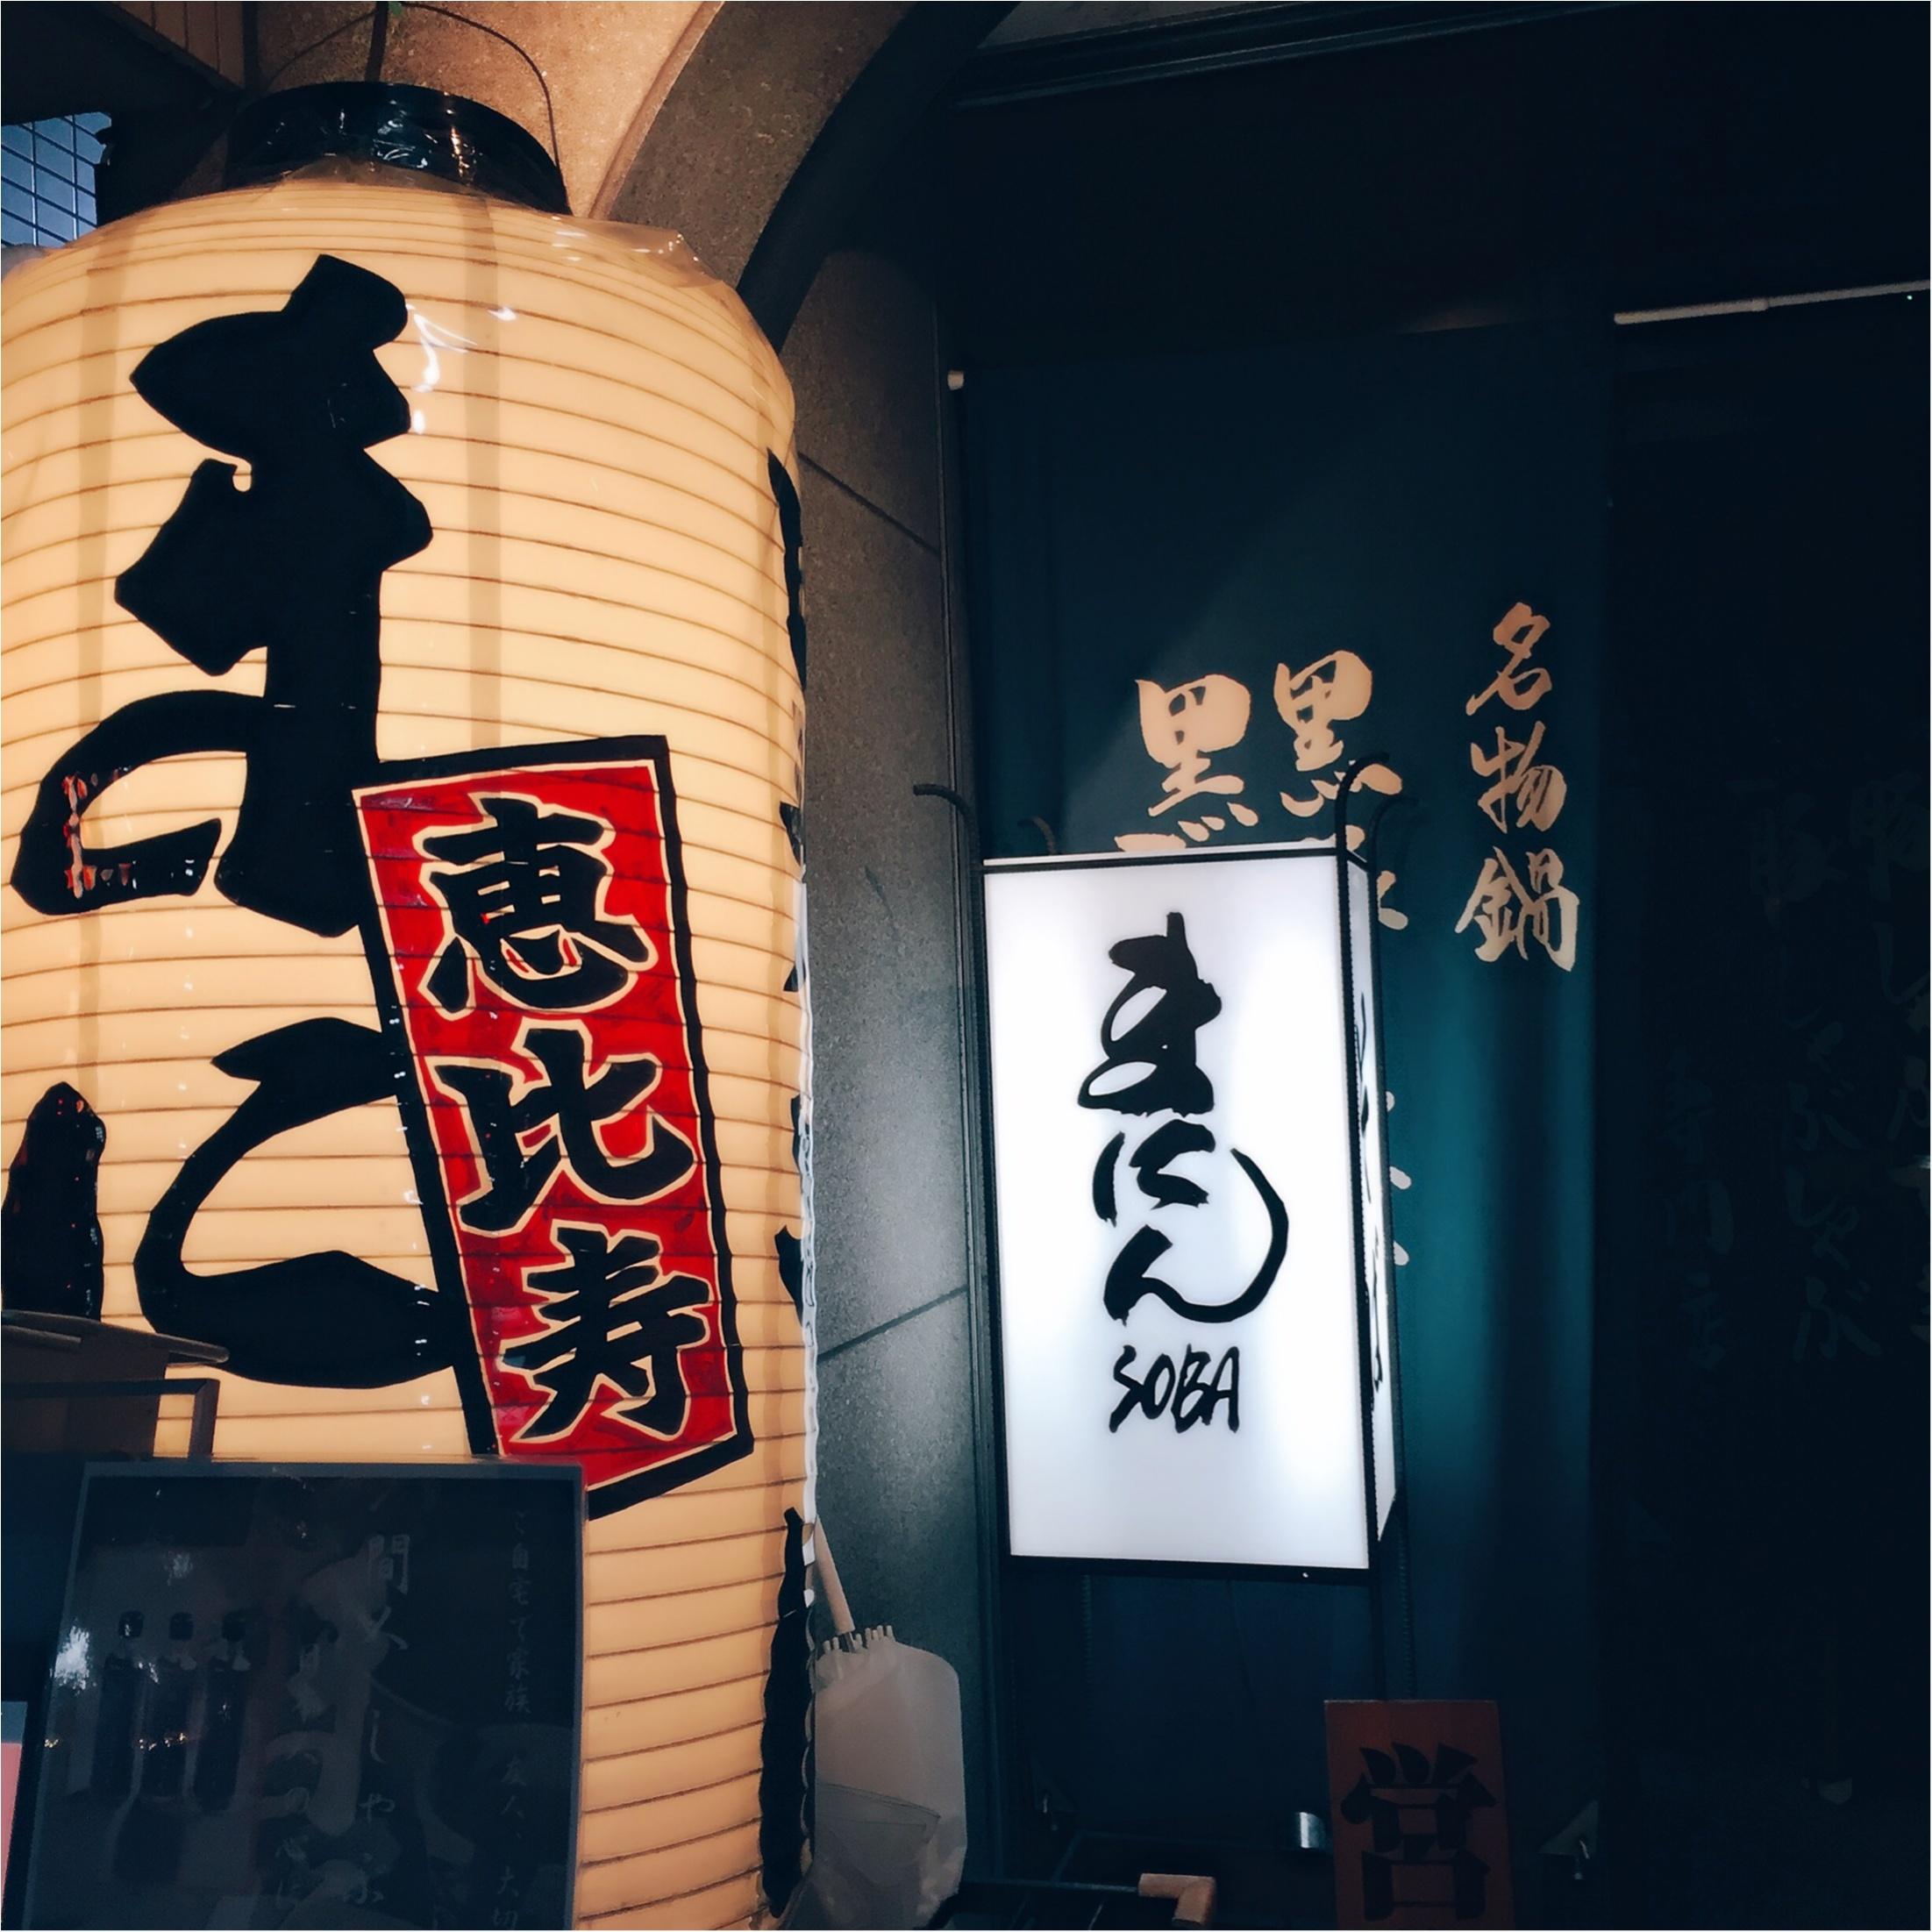 【恵比寿】そば・しゃぶしゃぶ・日本酒を楽しむなら『まにん』✨黒豚つけ麺そばが絶品〜♡_2